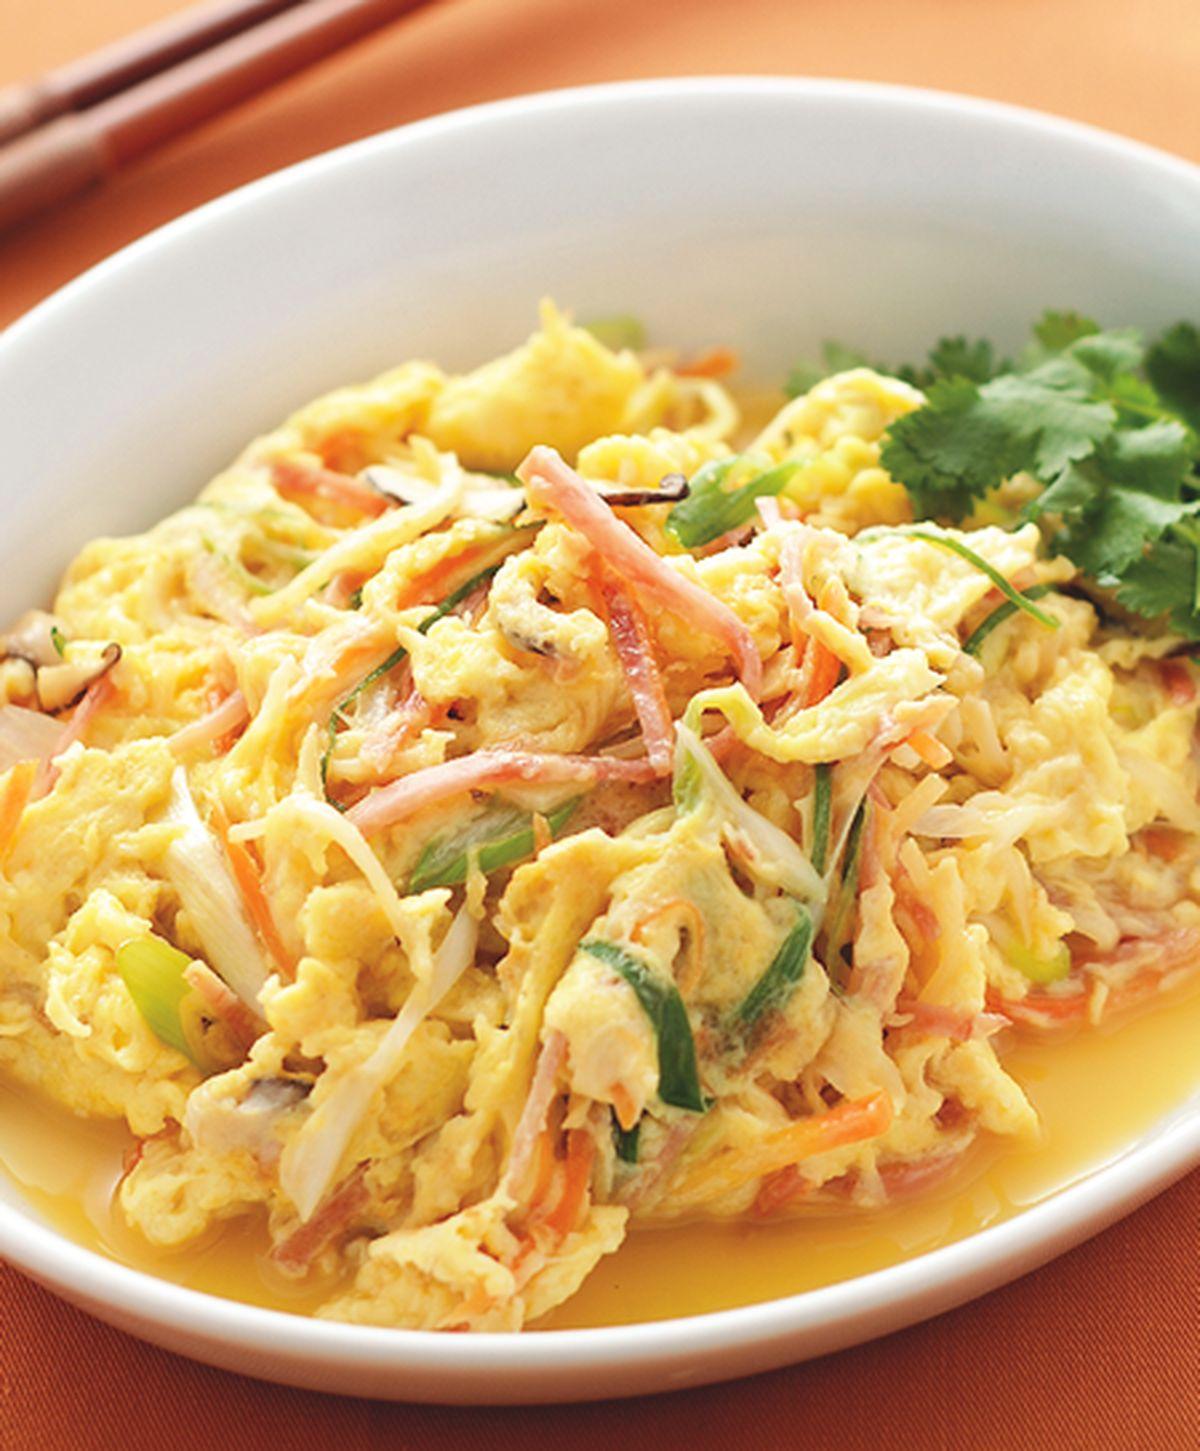 食譜:芙蓉炒蛋